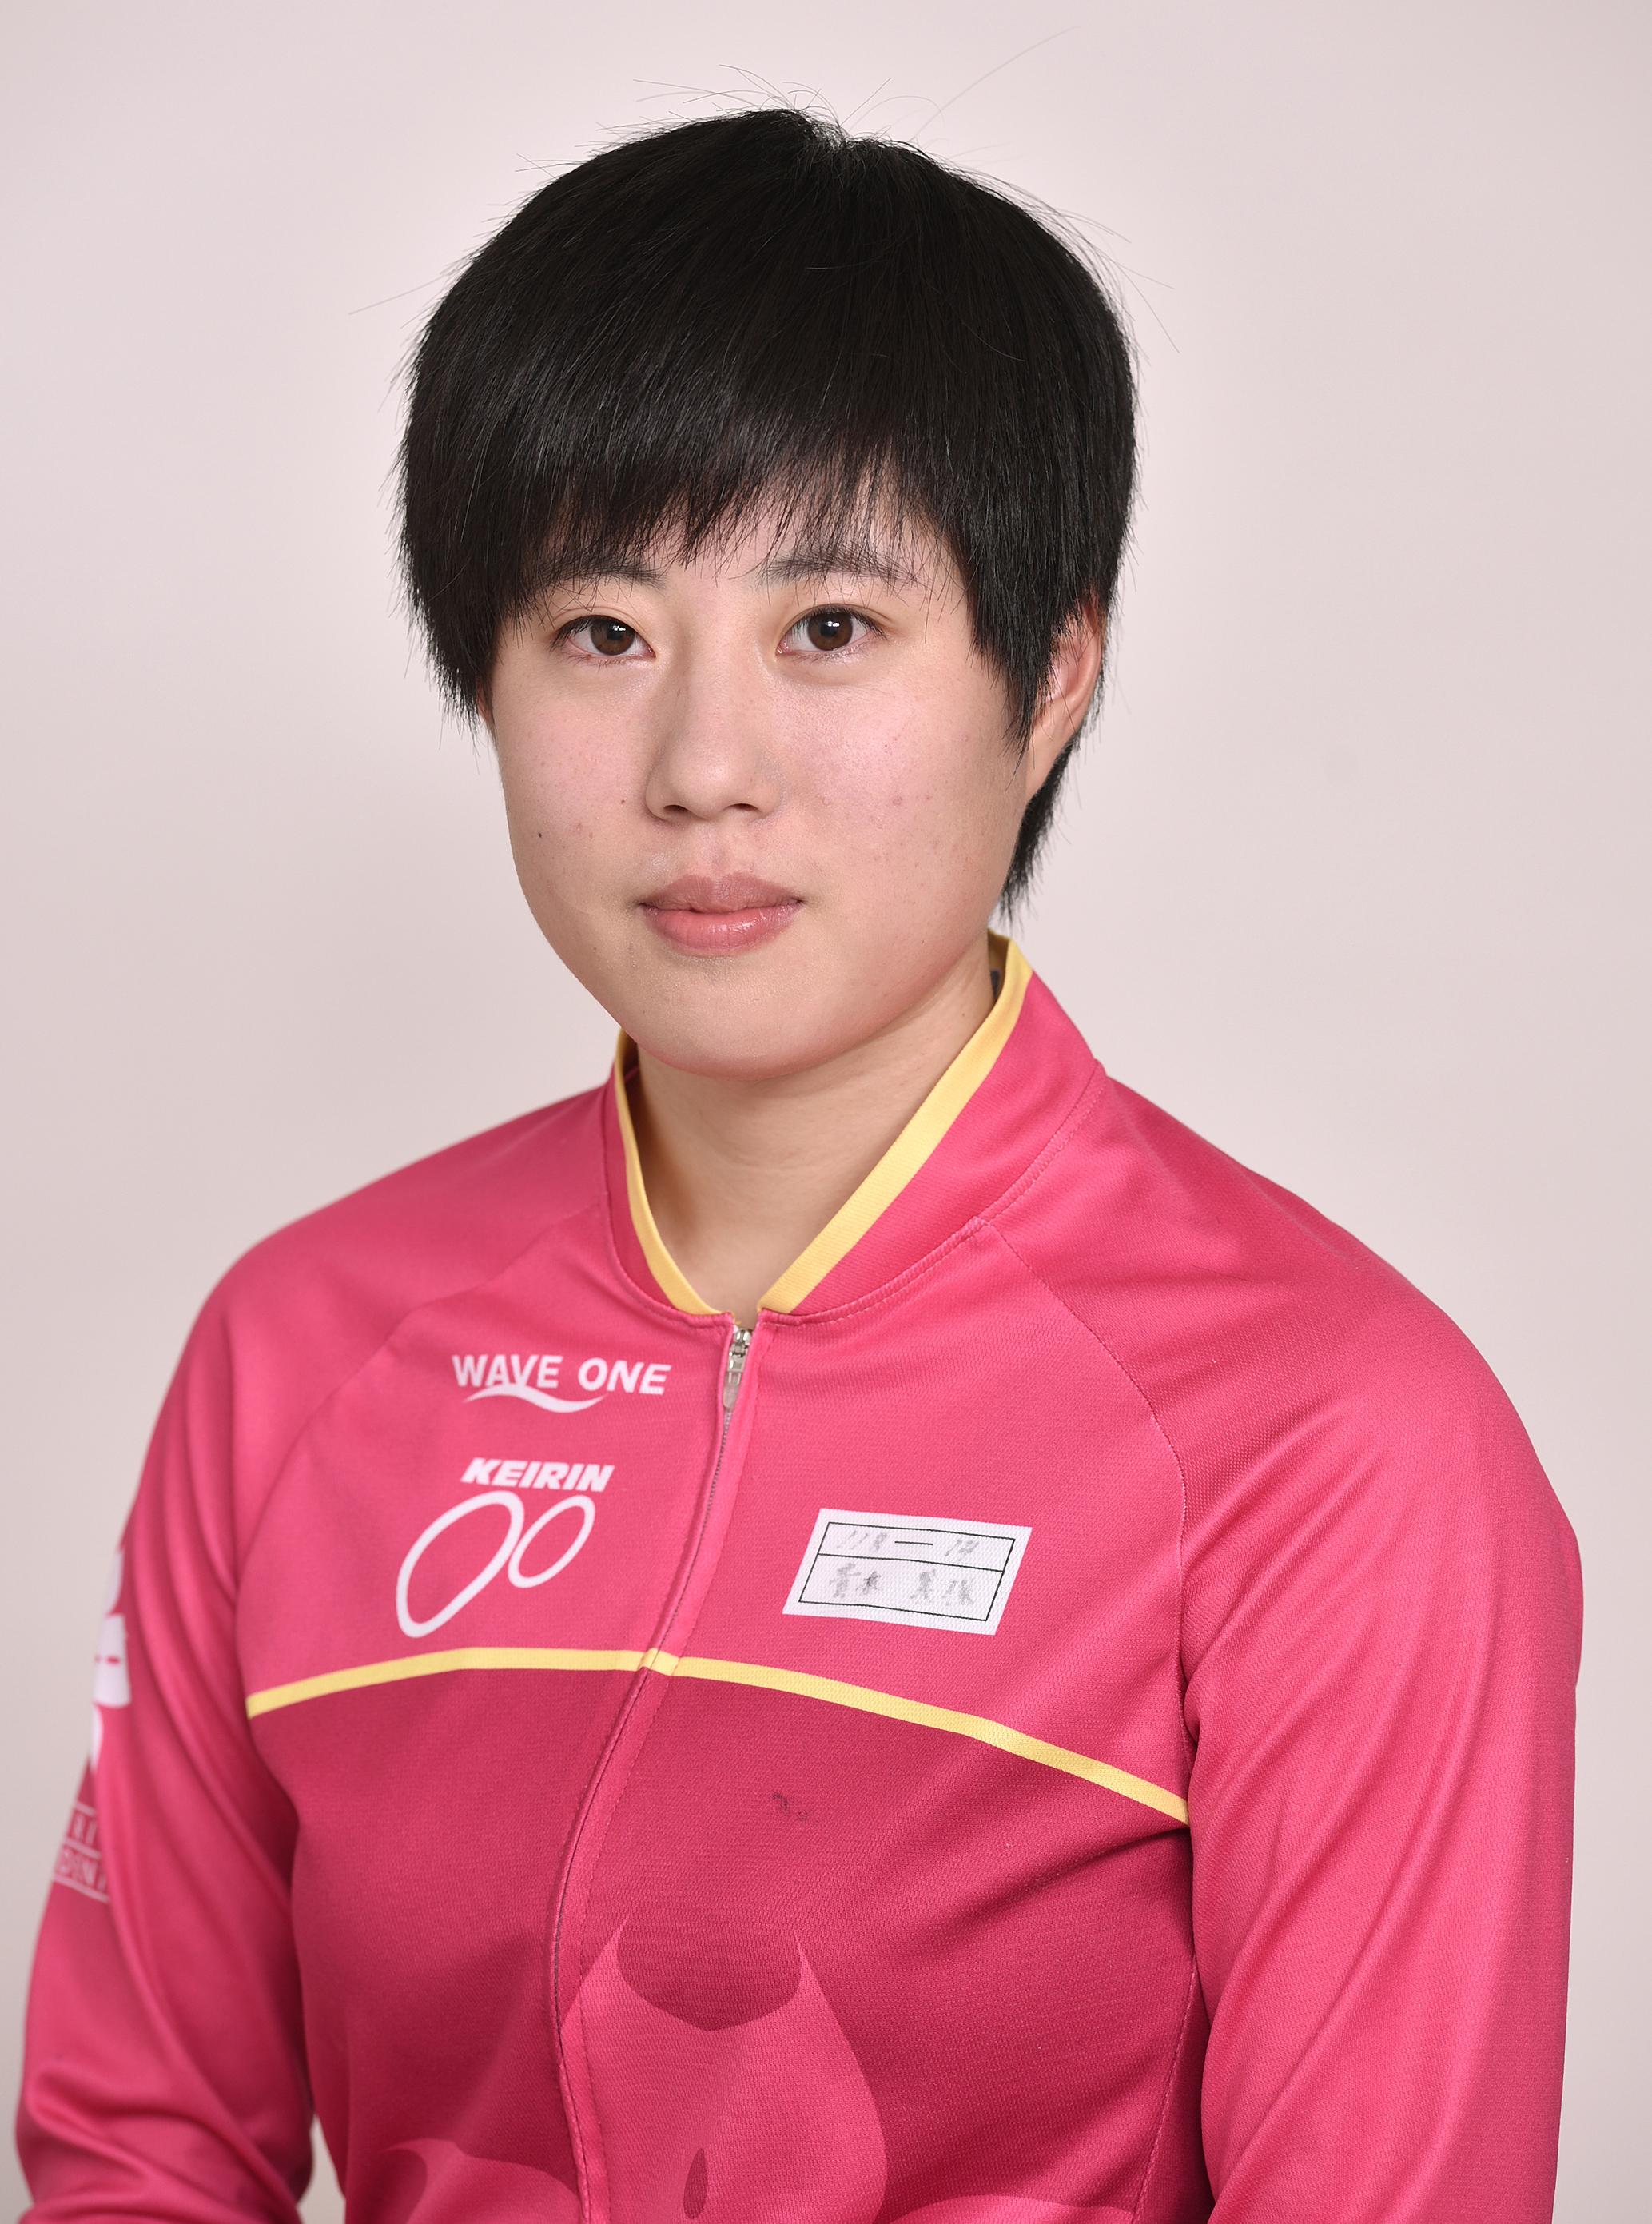 青木 美保選手の顔写真